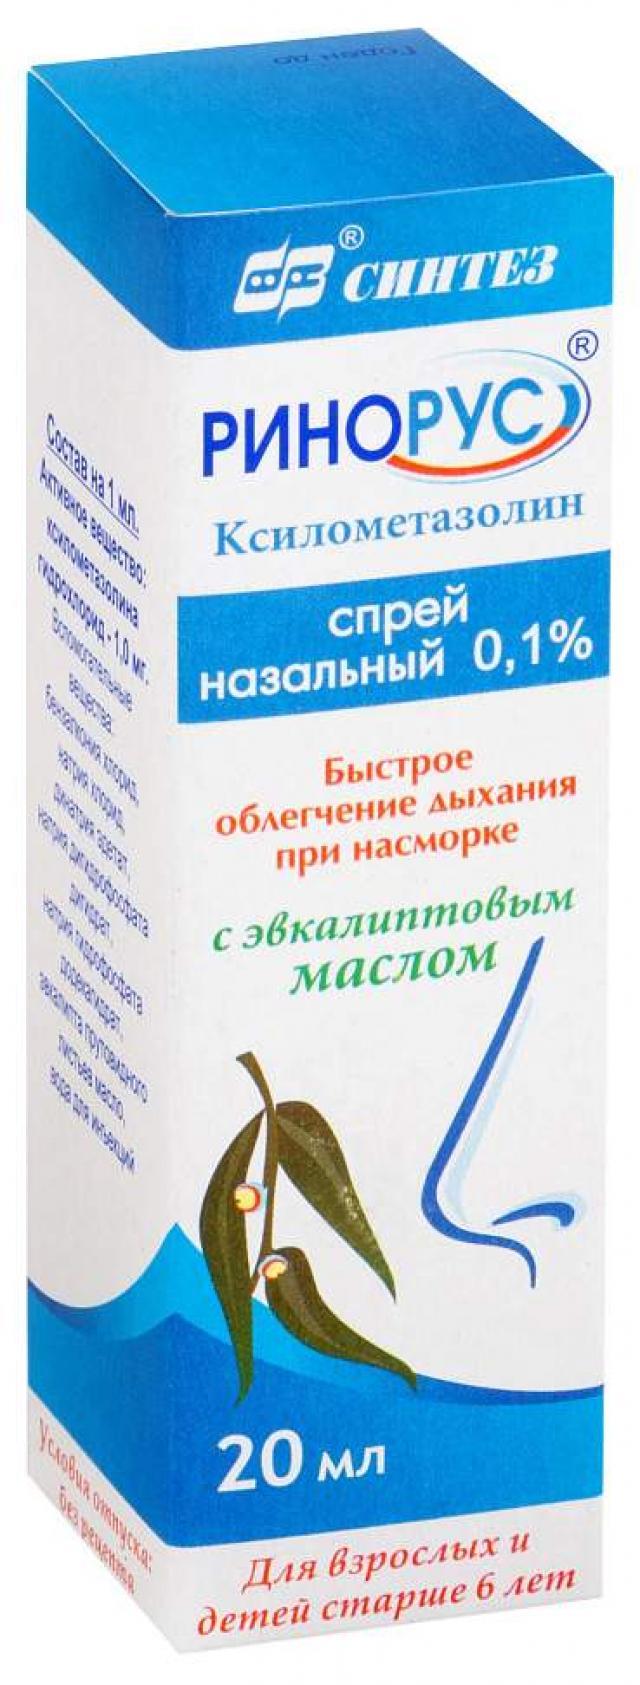 Ринорус спрей 0,1% 20мл купить в Москве по цене от 87 рублей